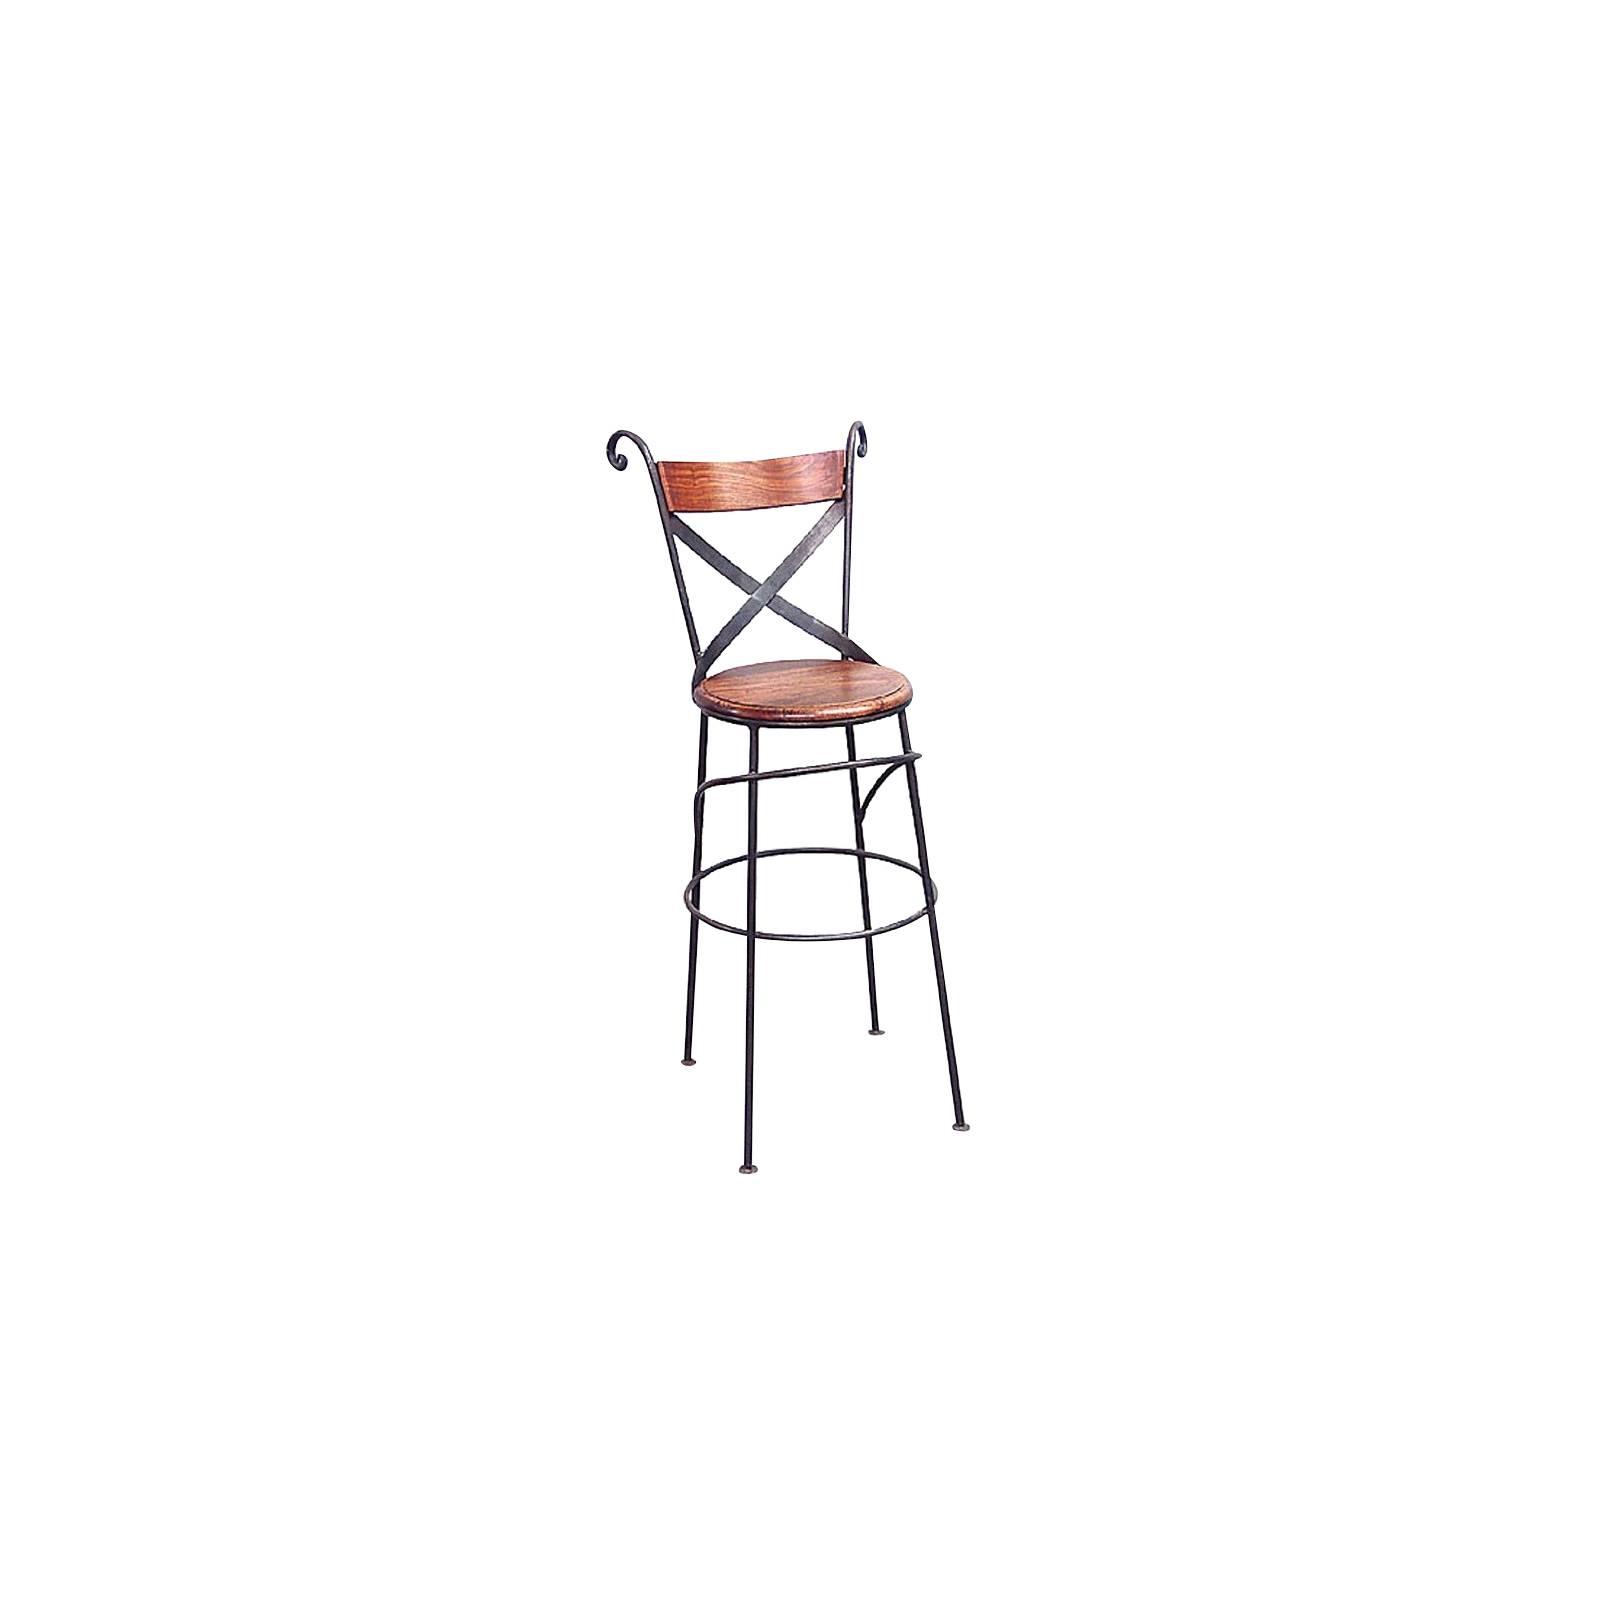 Tabouret de Bar Croisé Fer forgé et Palissandre - meuble style romantique